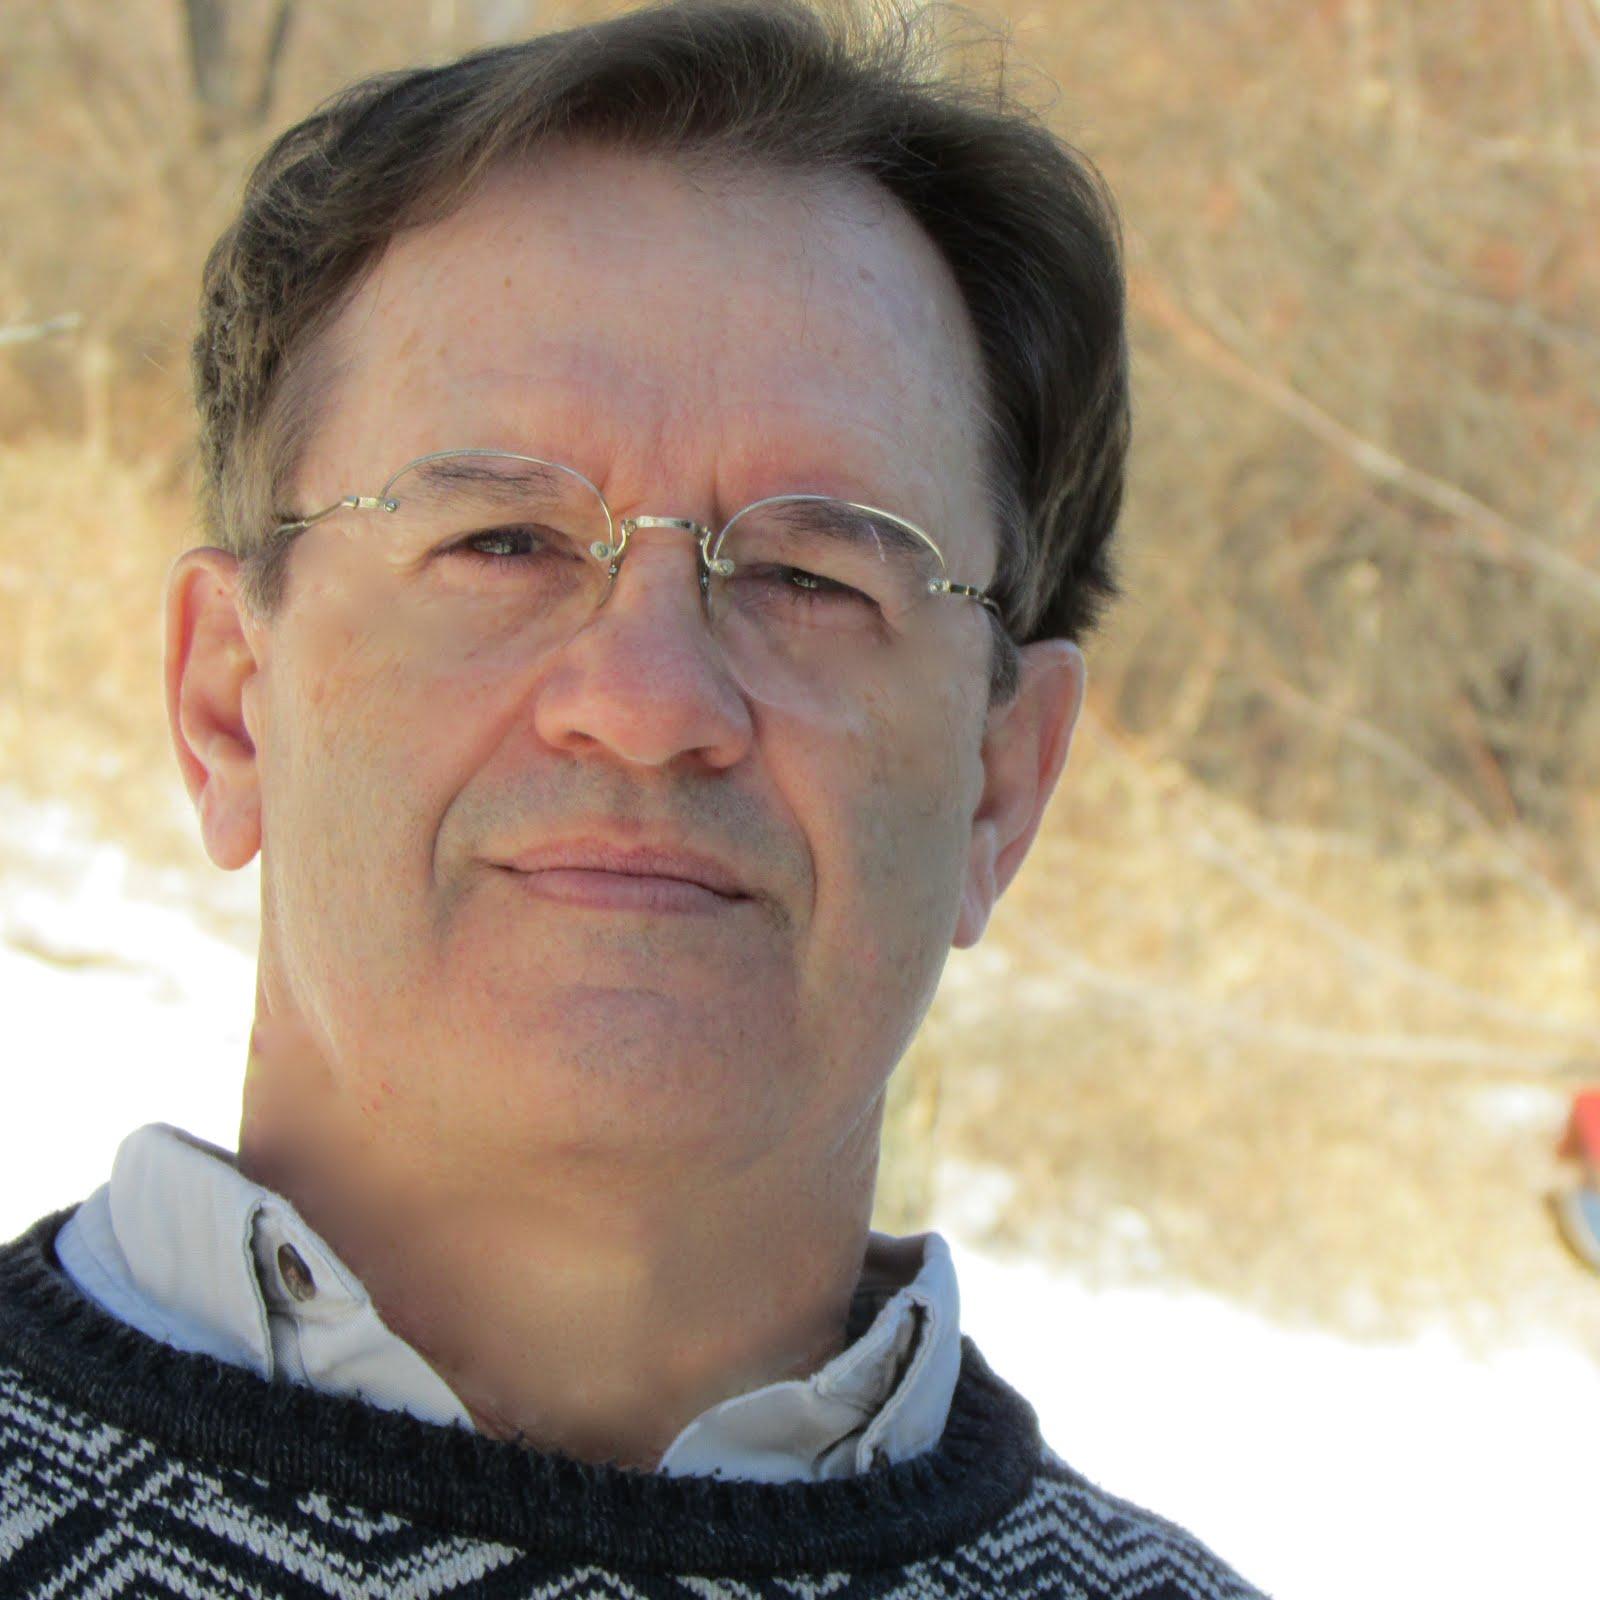 August Thurmer